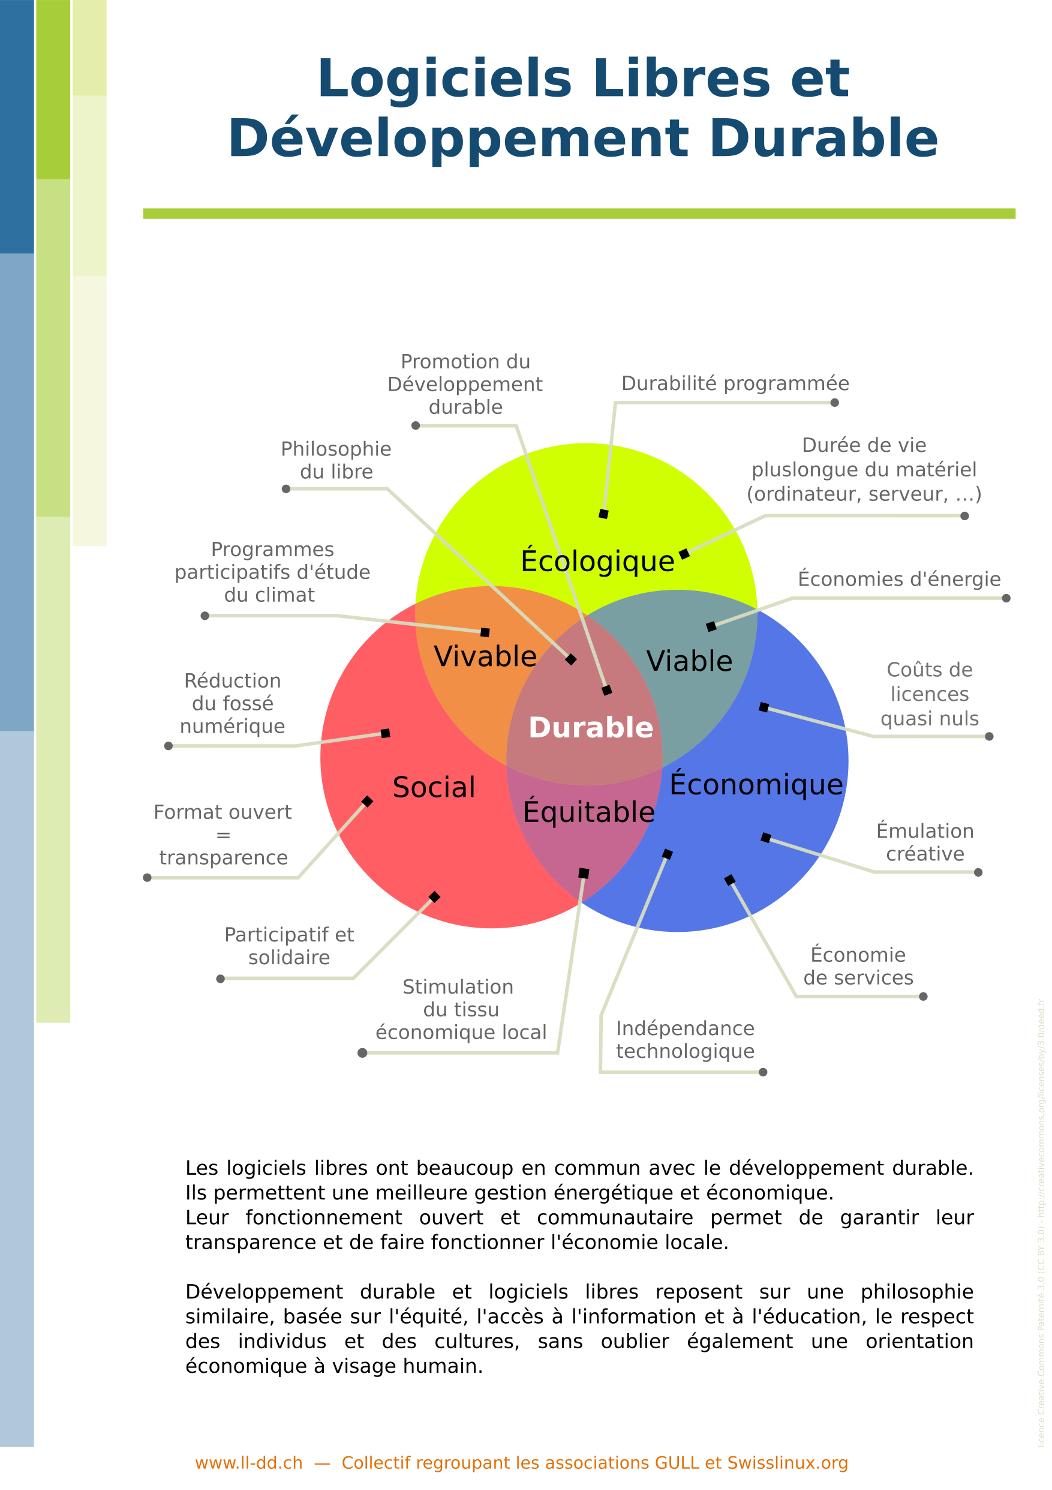 Logiciels_libres_et_Developpement_durable-A1-new